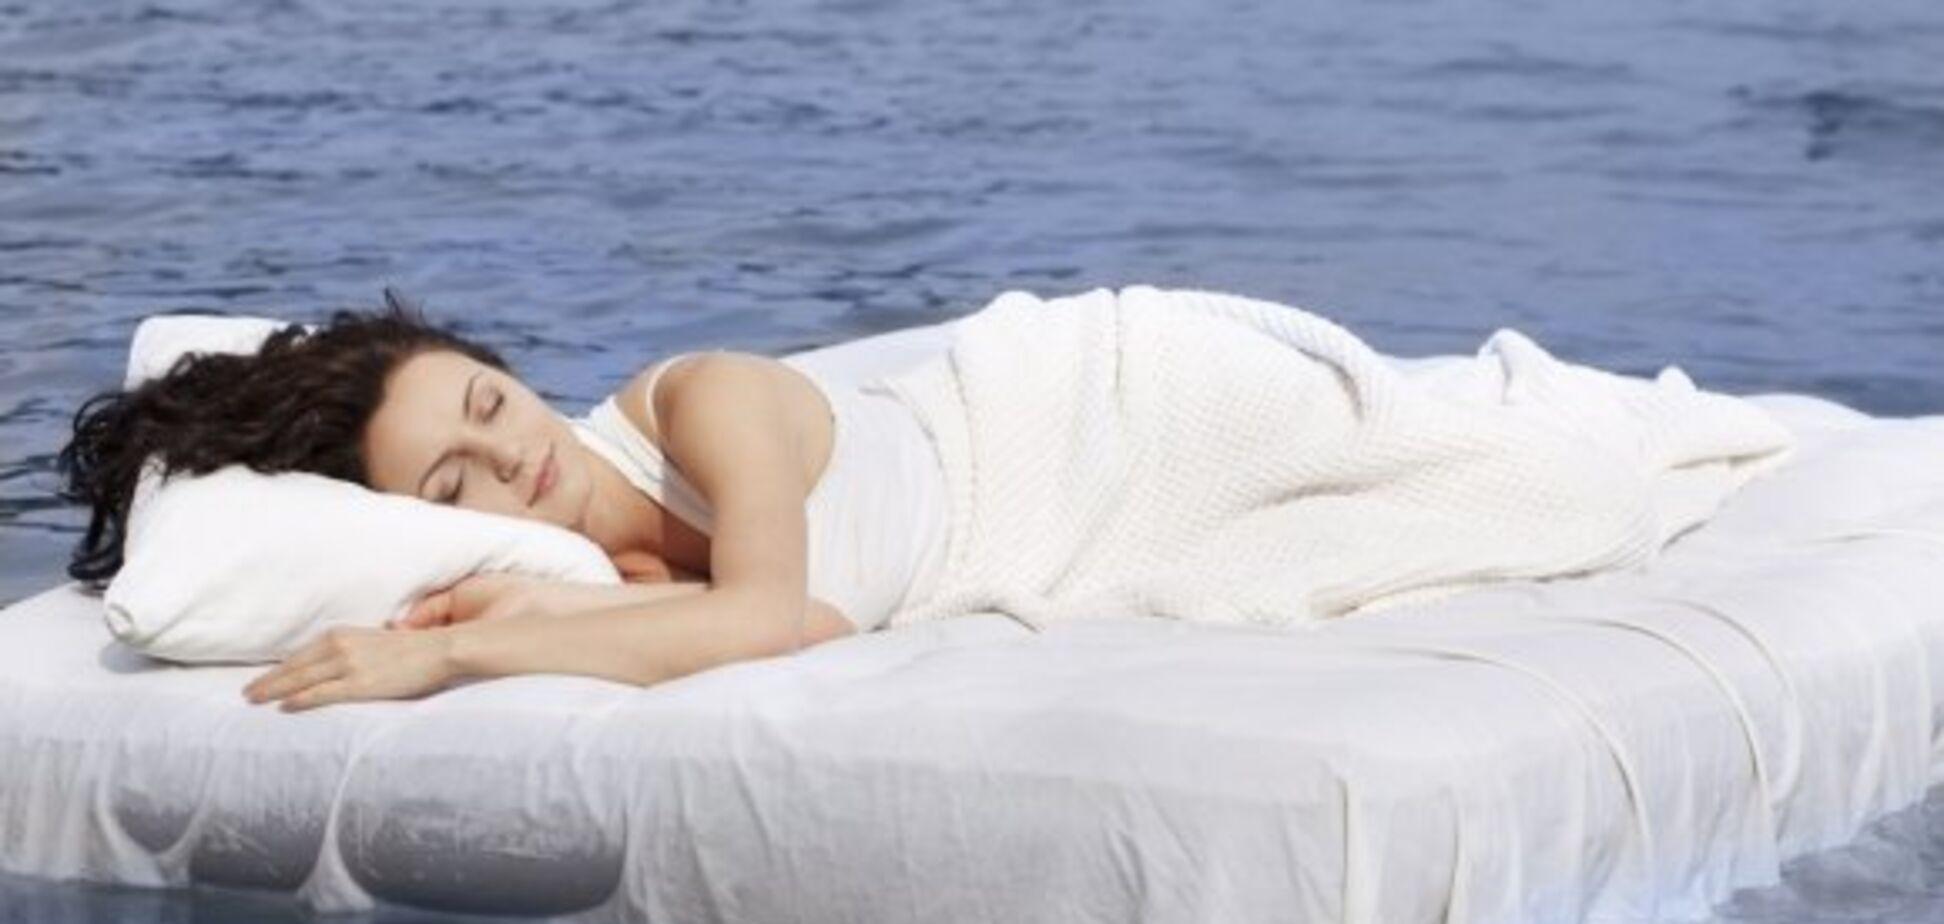 Сон і міфи: скільки потрібно спати і чи варто вірити сонникам